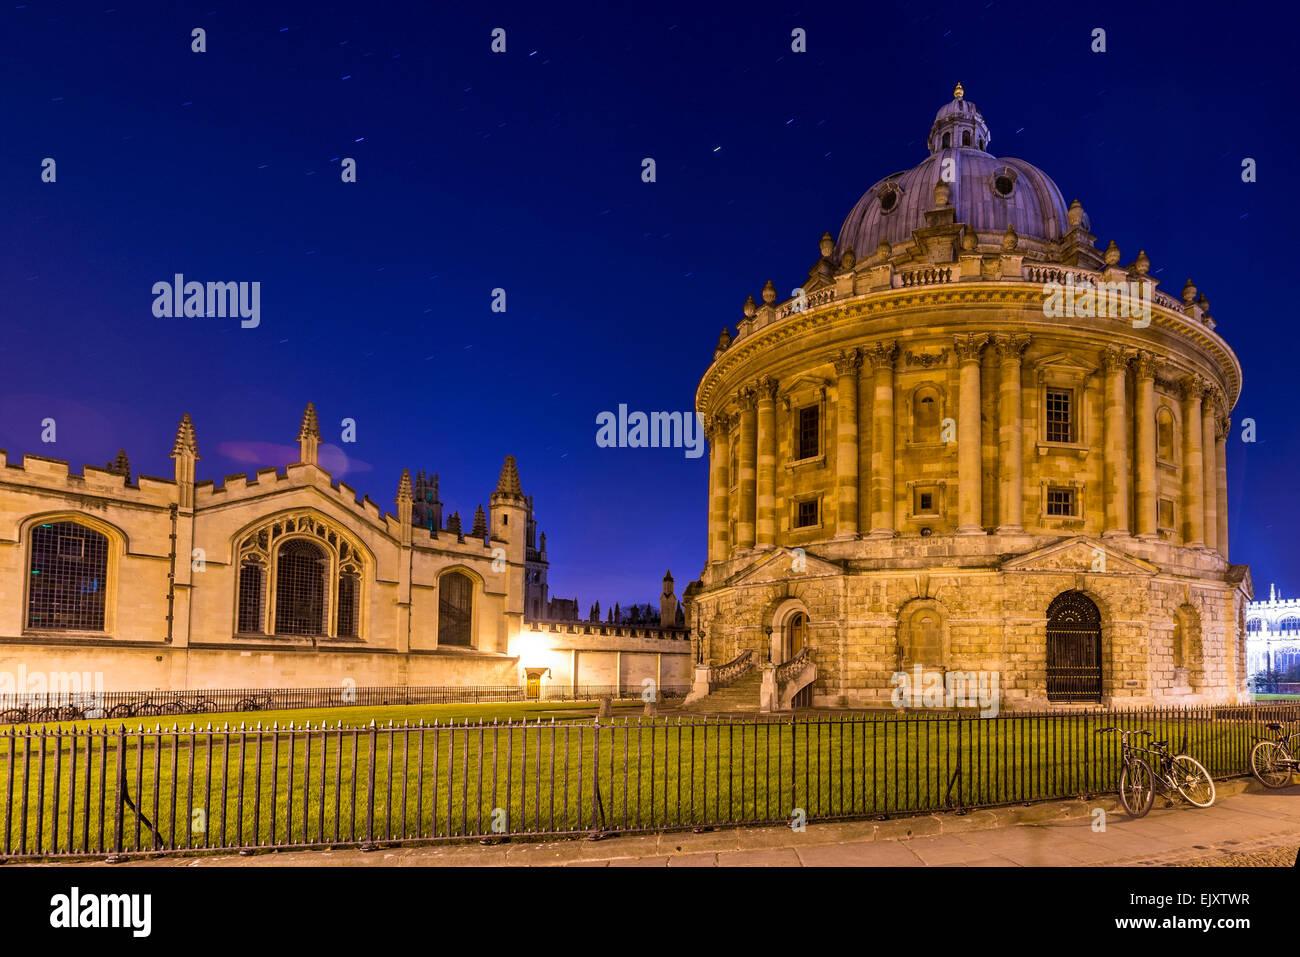 La Radcliffe Camera es una sala de lectura de la Bodleian Library, Oxford University. Visto aquí en la noche Imagen De Stock